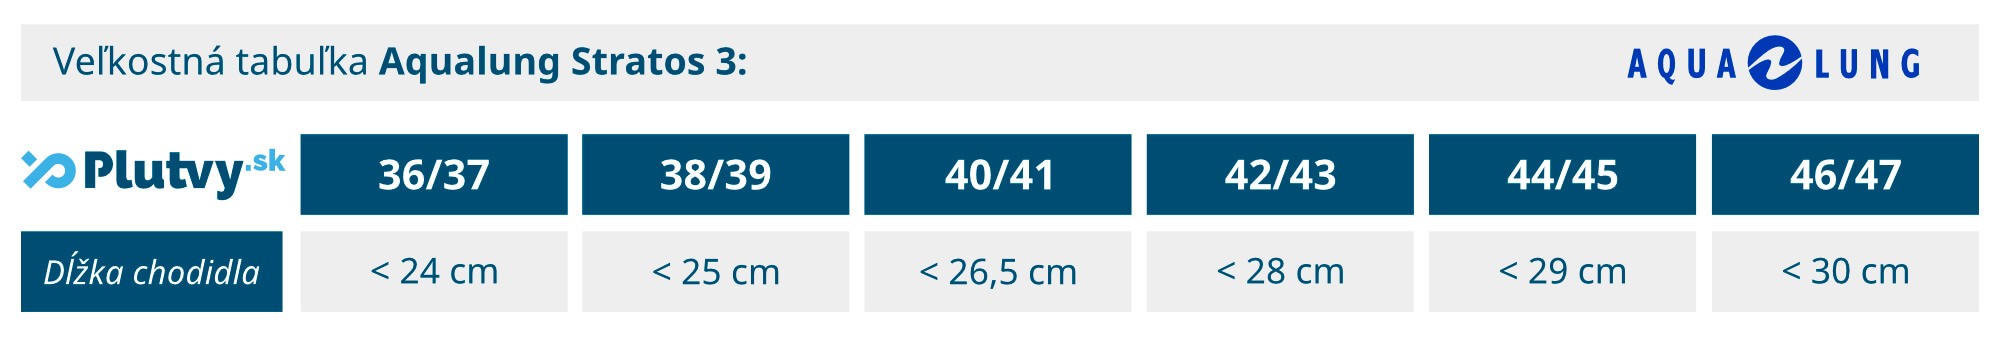 Tabuľka veľkosti plutiev Aqualung Stratos 3 v eshope Plutvy.sk